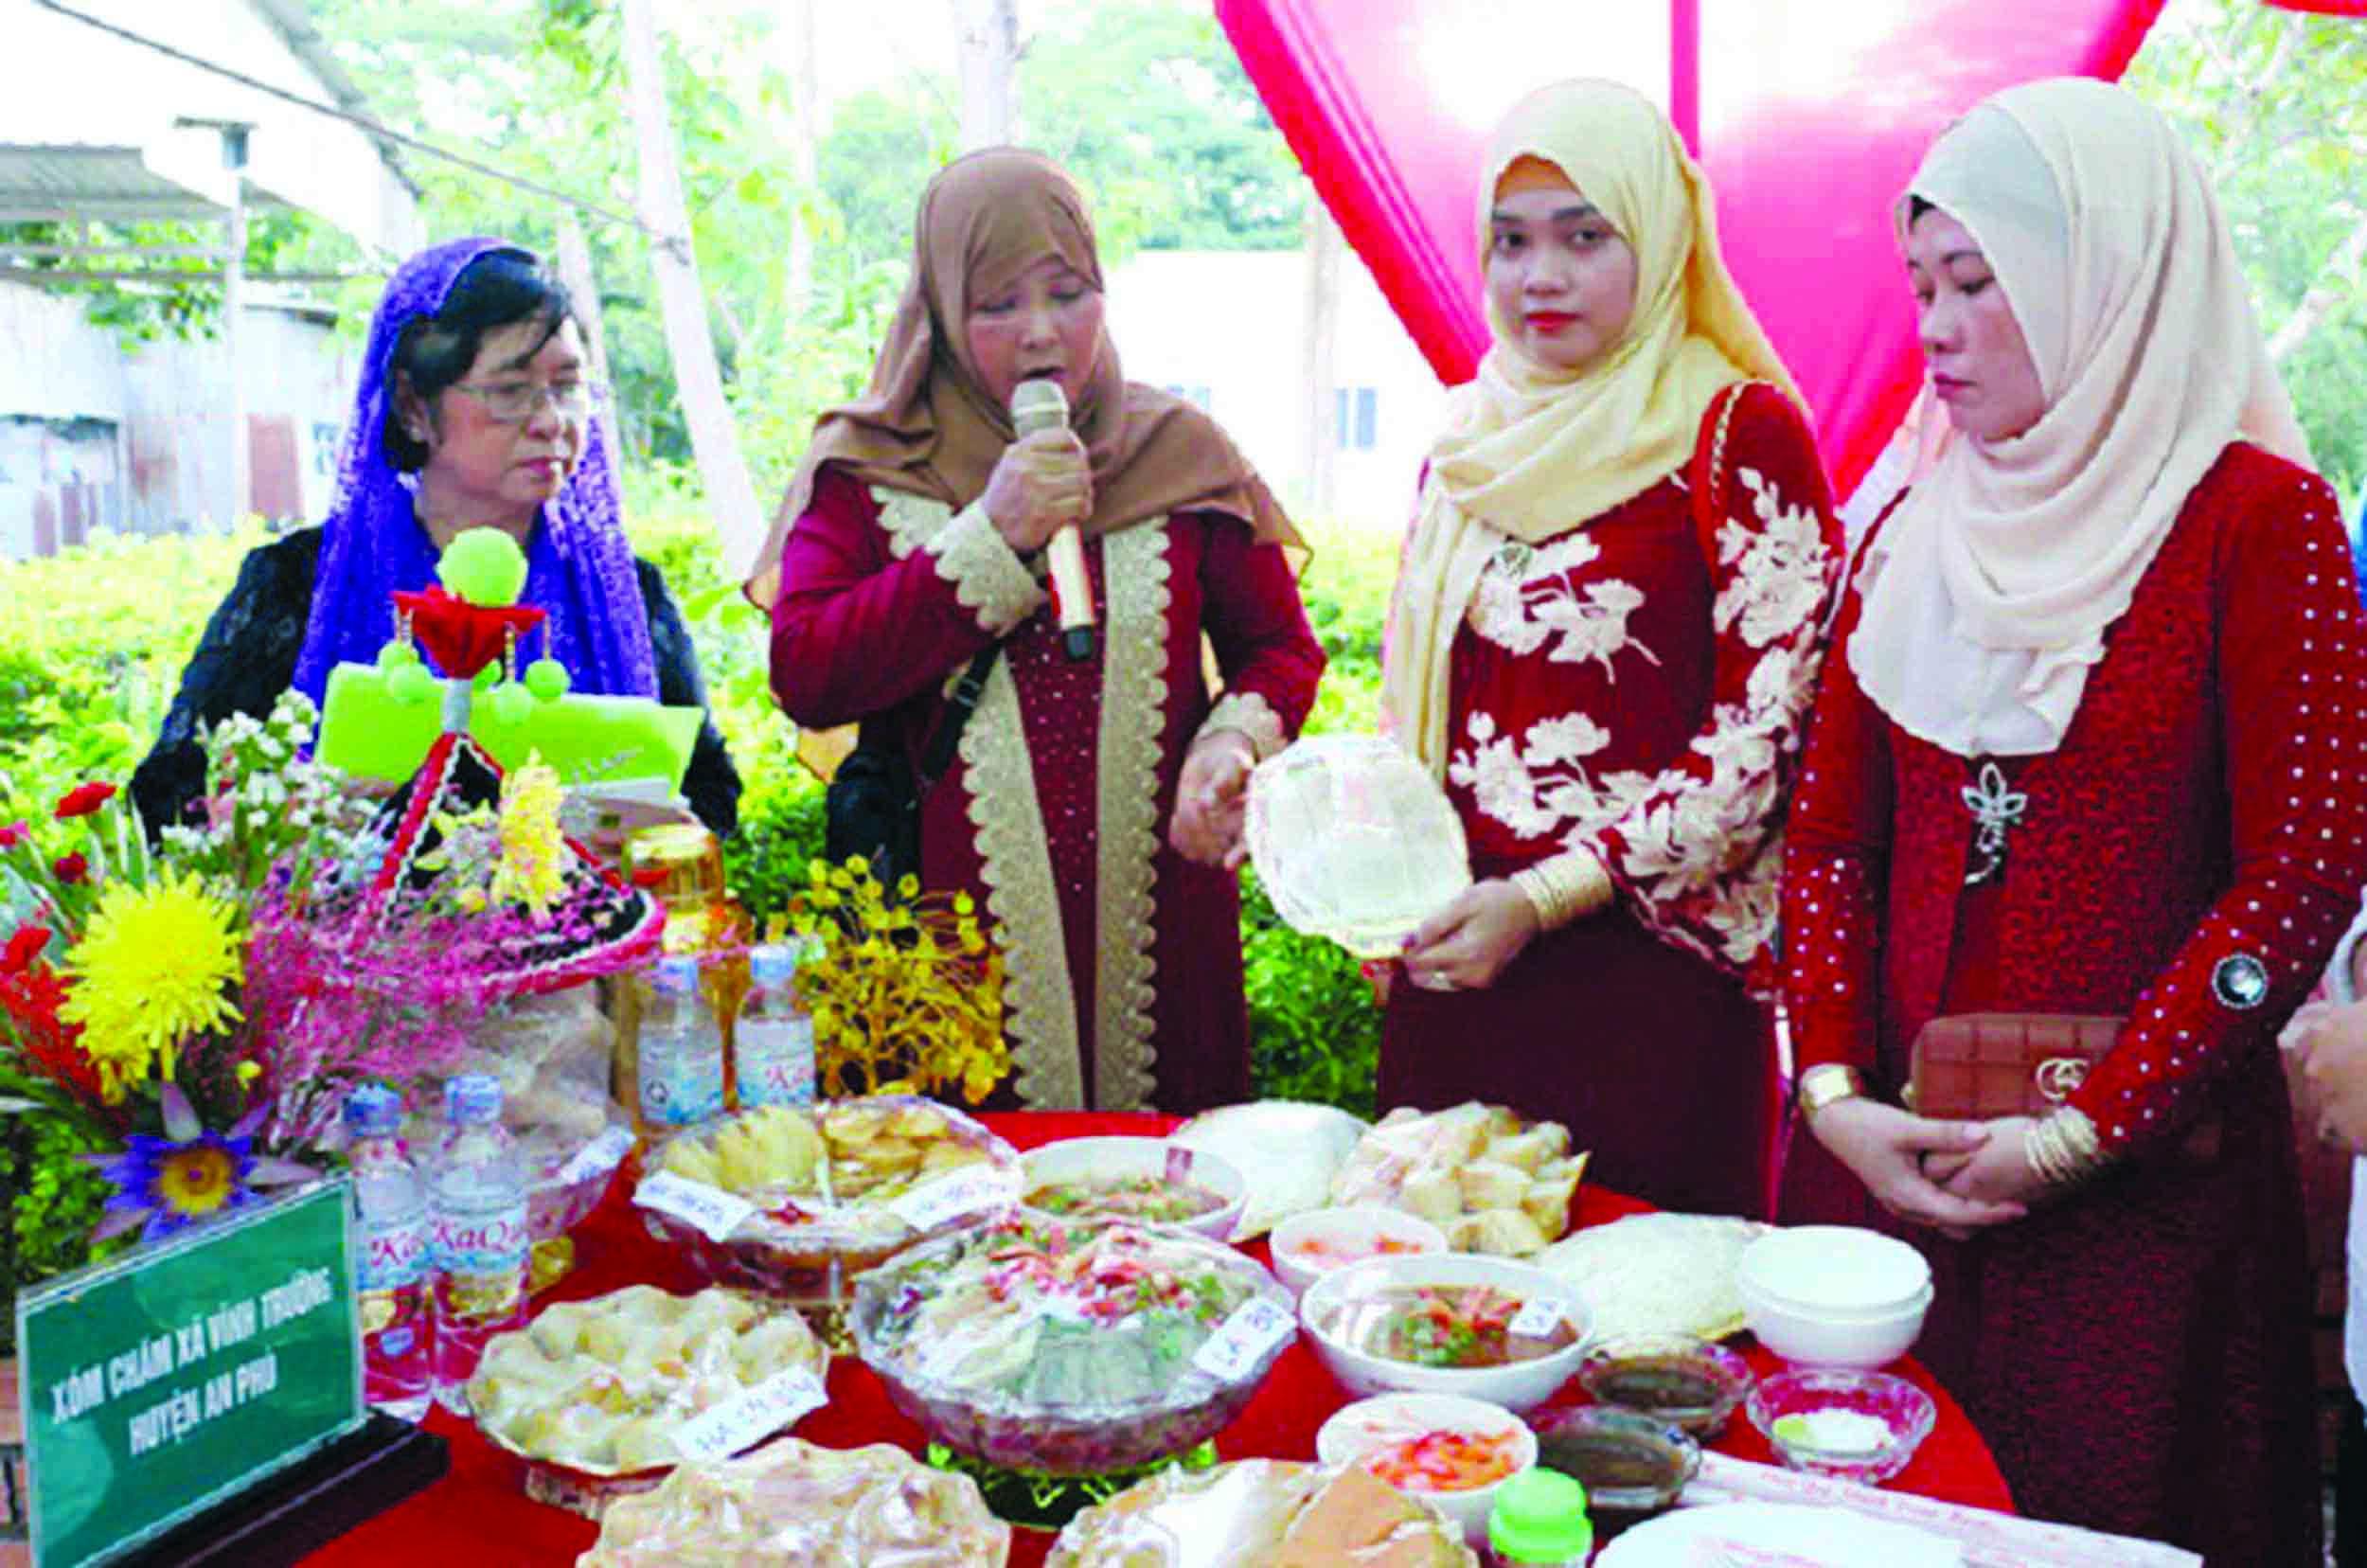 Một cuộc thi chế biến món ẩm thực truyền thống của phụ nữ Chăm trong ngày Tết.